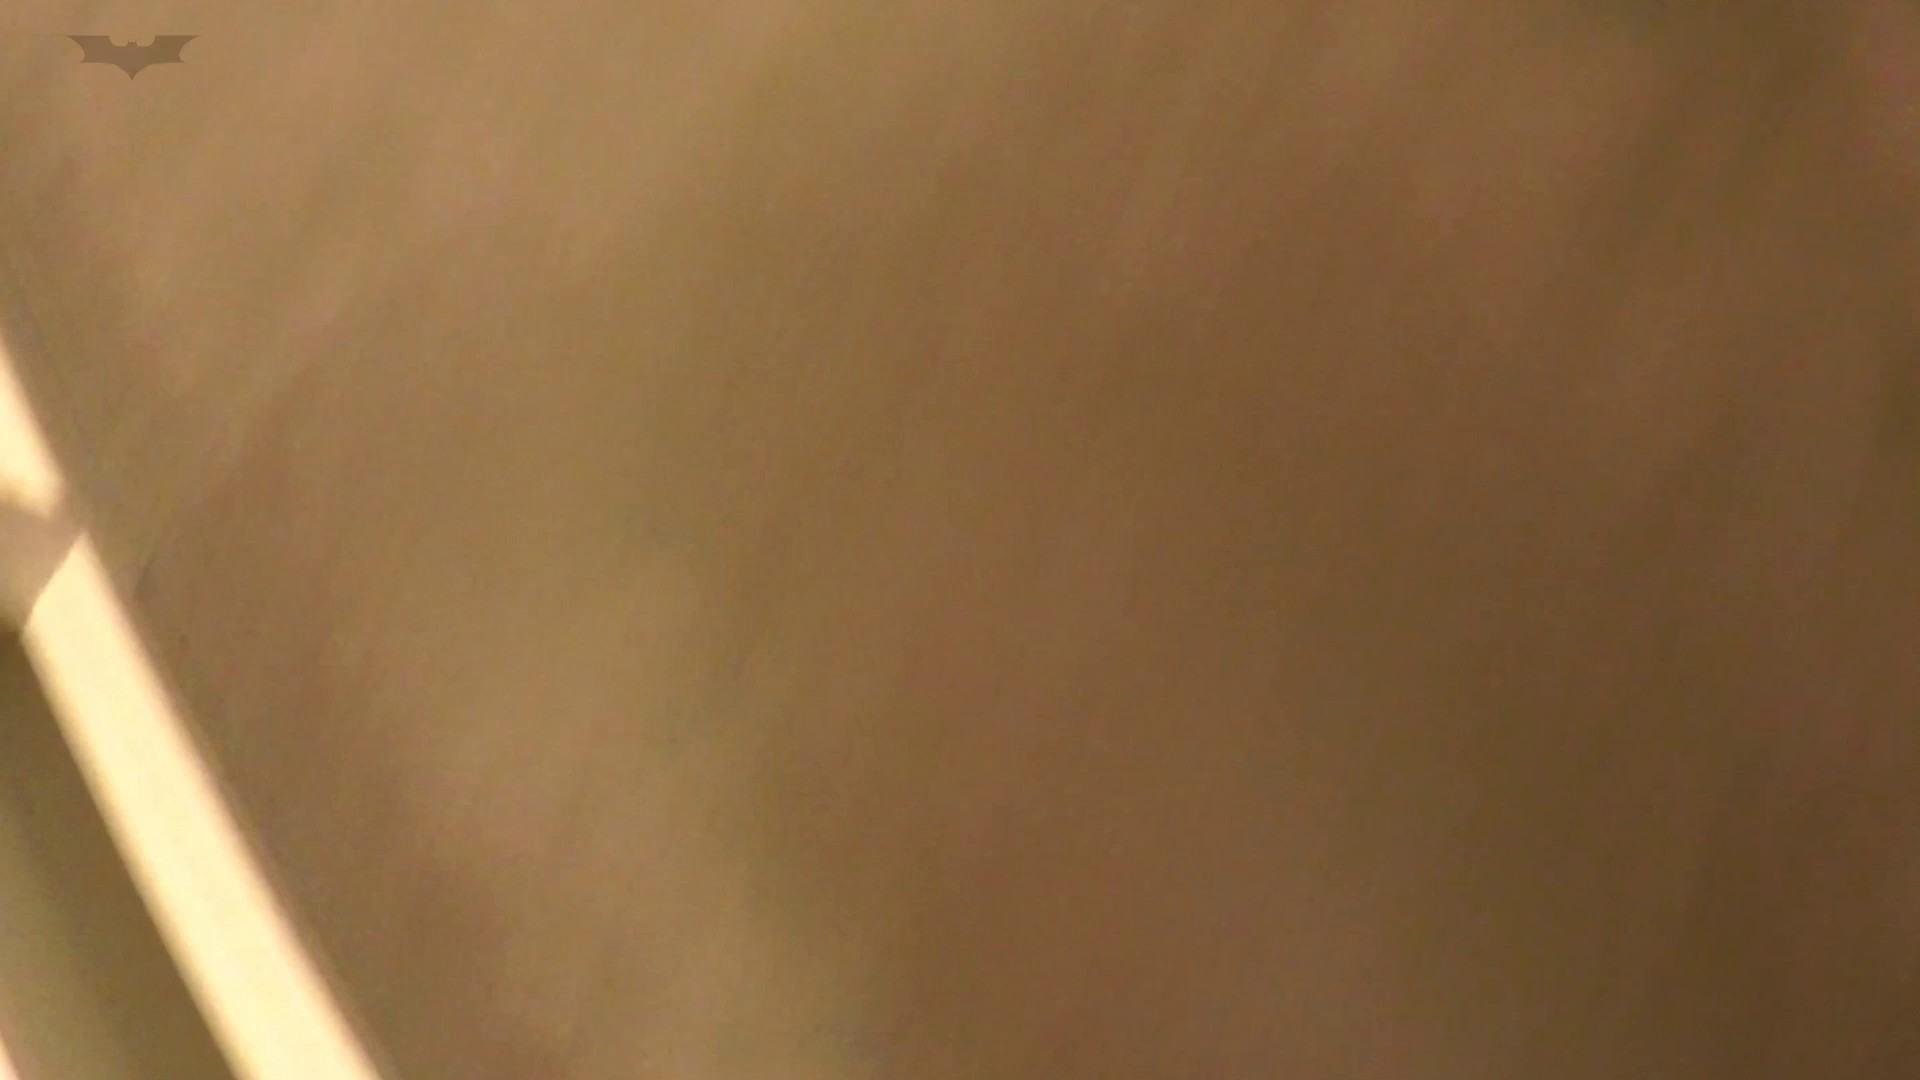 悪戯ネットカフェ Vol14 よく似ているJDにかけちゃった。 細身女性 | 潜入  63画像 1